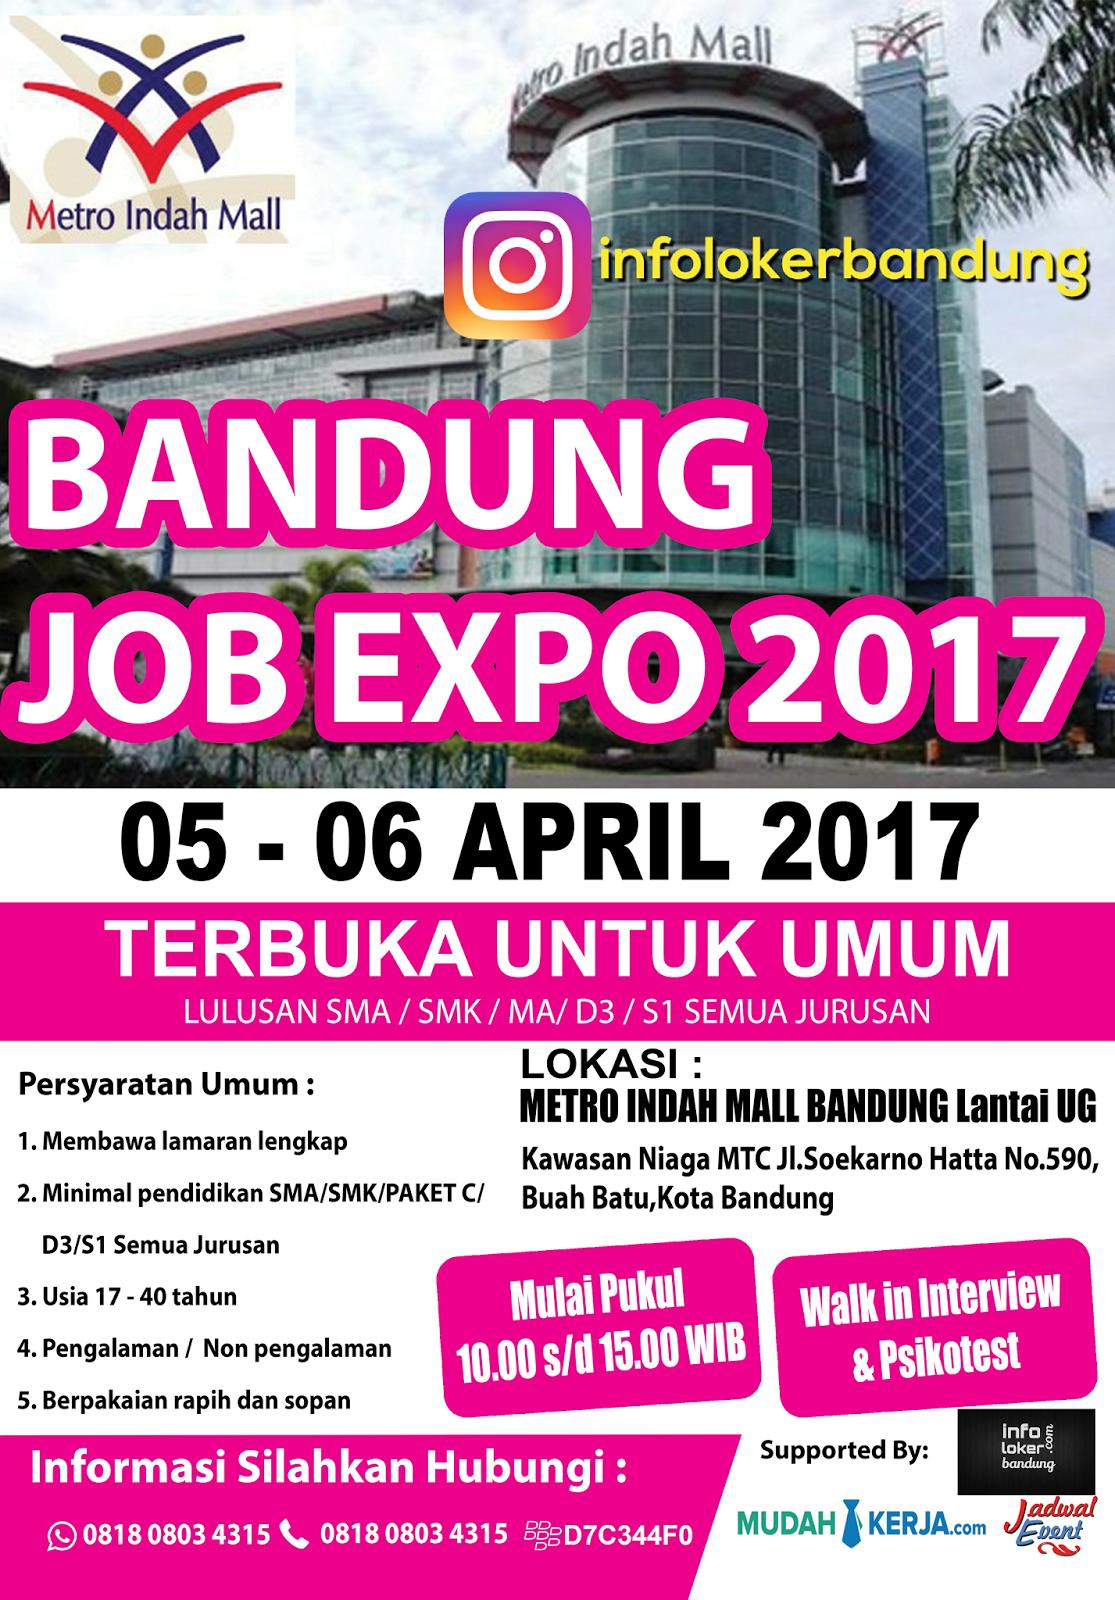 Bandung Job Expo Metro Indah Mall 05 - 06 April 2017